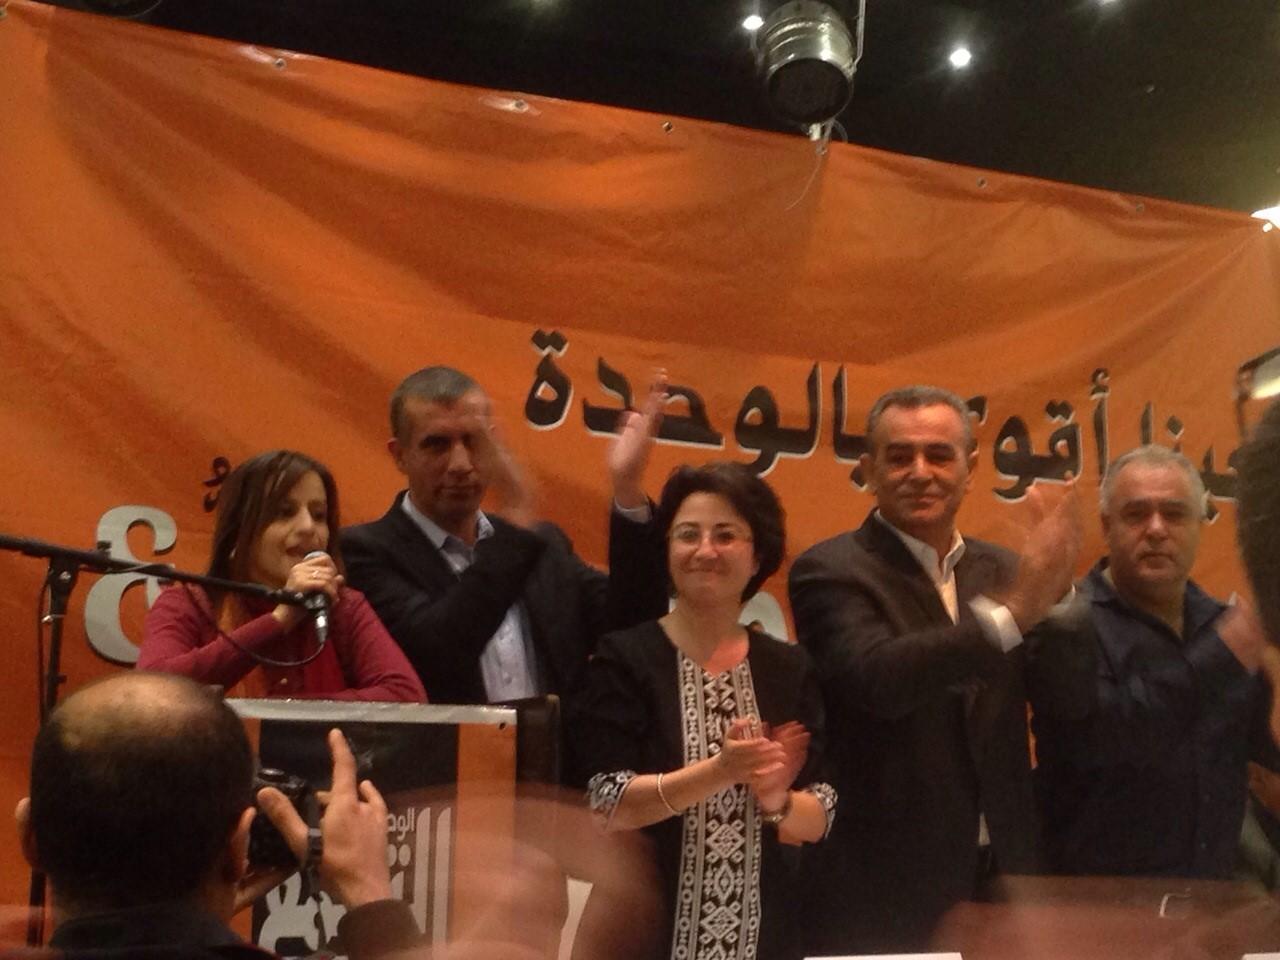 """בחירות פנימיות בבל""""ד: במרכז ג'מאל זחאלקה וחנין זועבי (סמאח סלאימה אגבאריה)"""